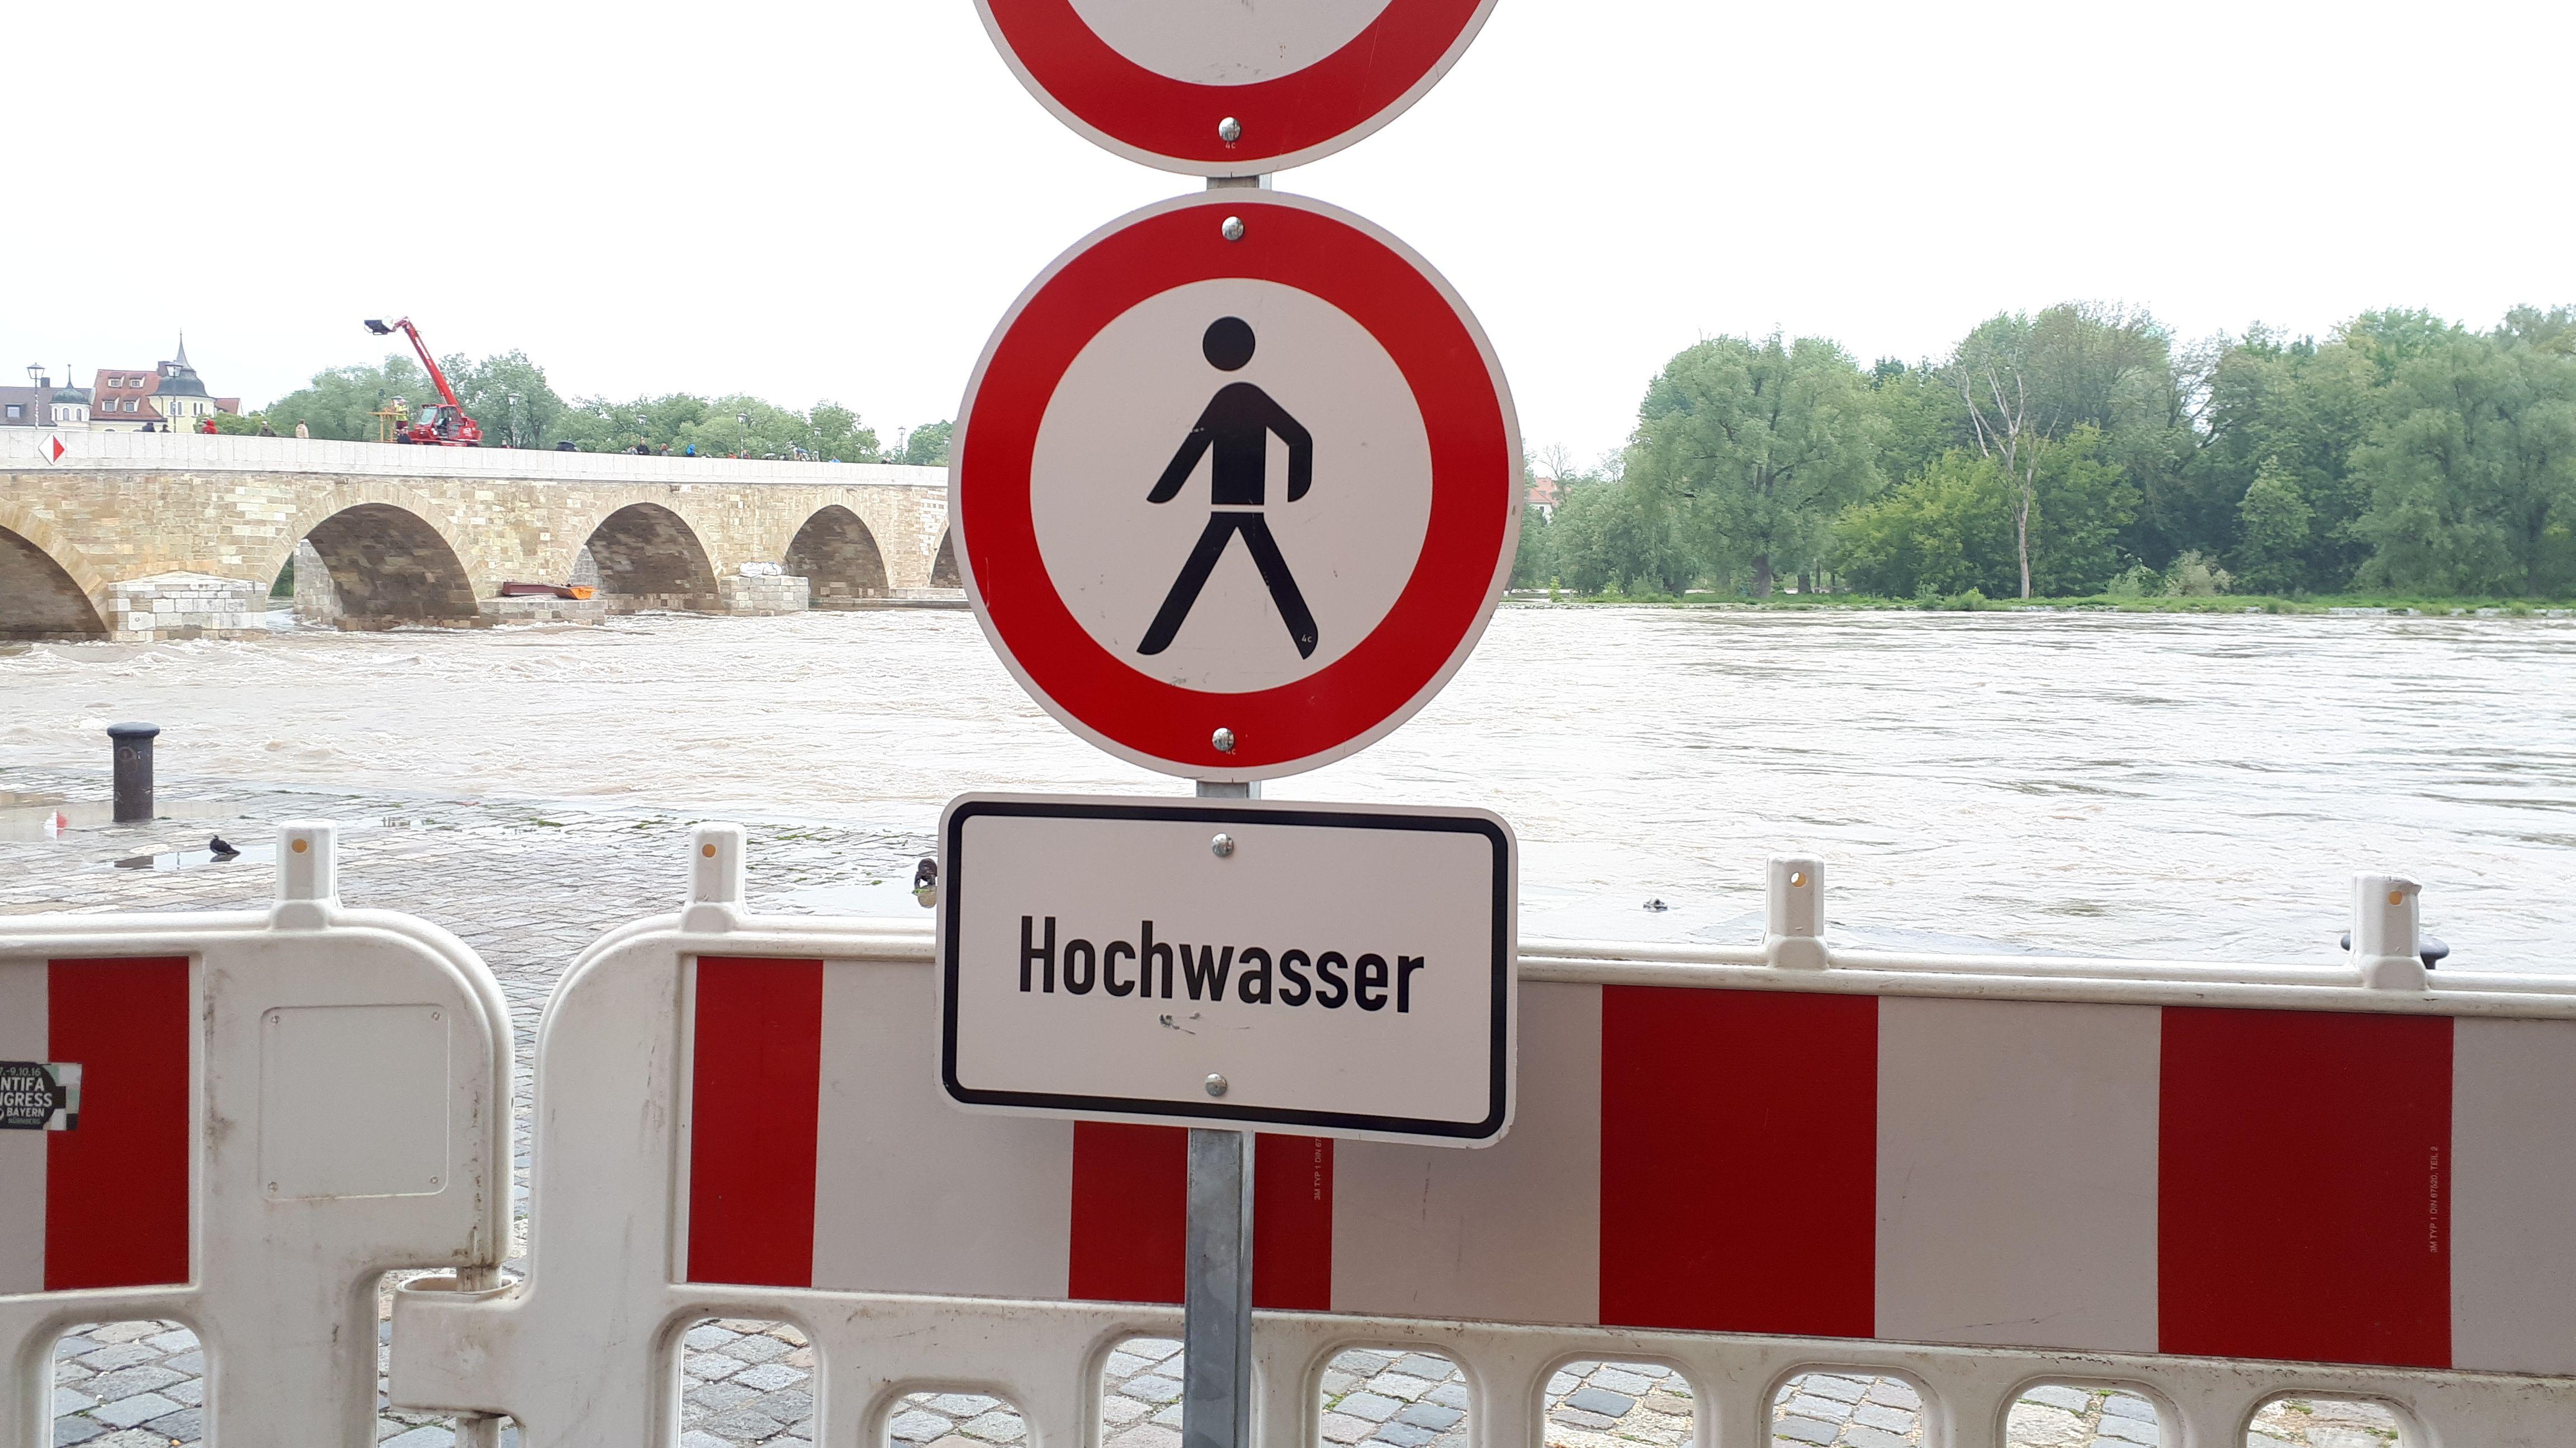 Hochwasserwarnung an der historischen Wurstkuchl in Regensburg